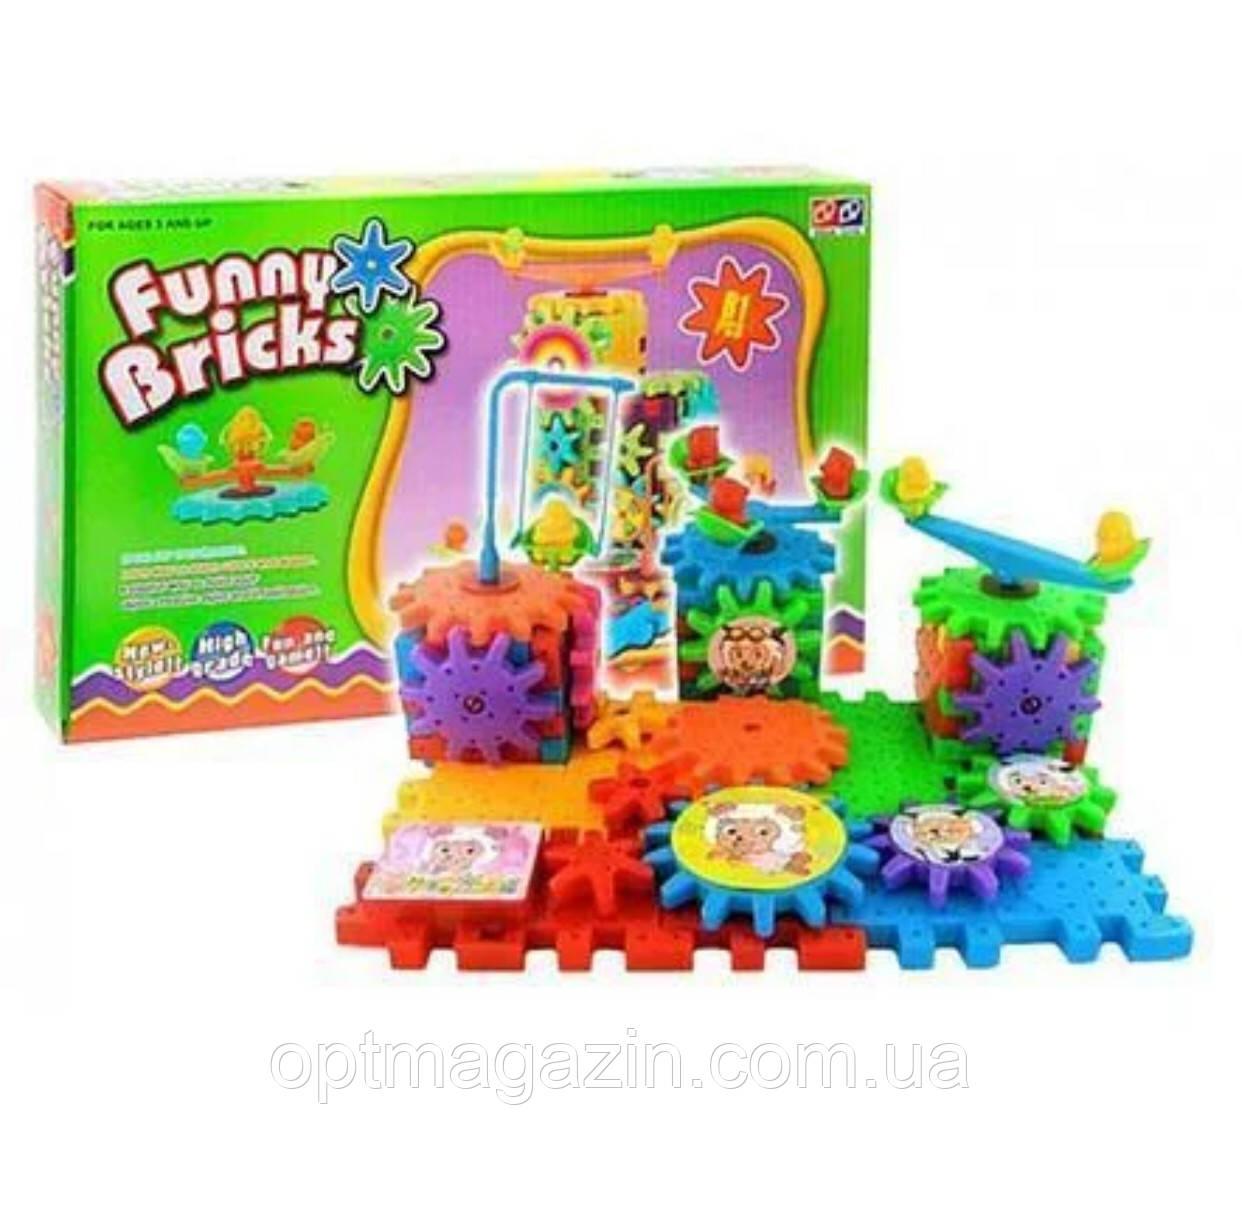 Конструктор Funny Bricks (Фанні Брікс),Конструктор для дітей 81 деталей